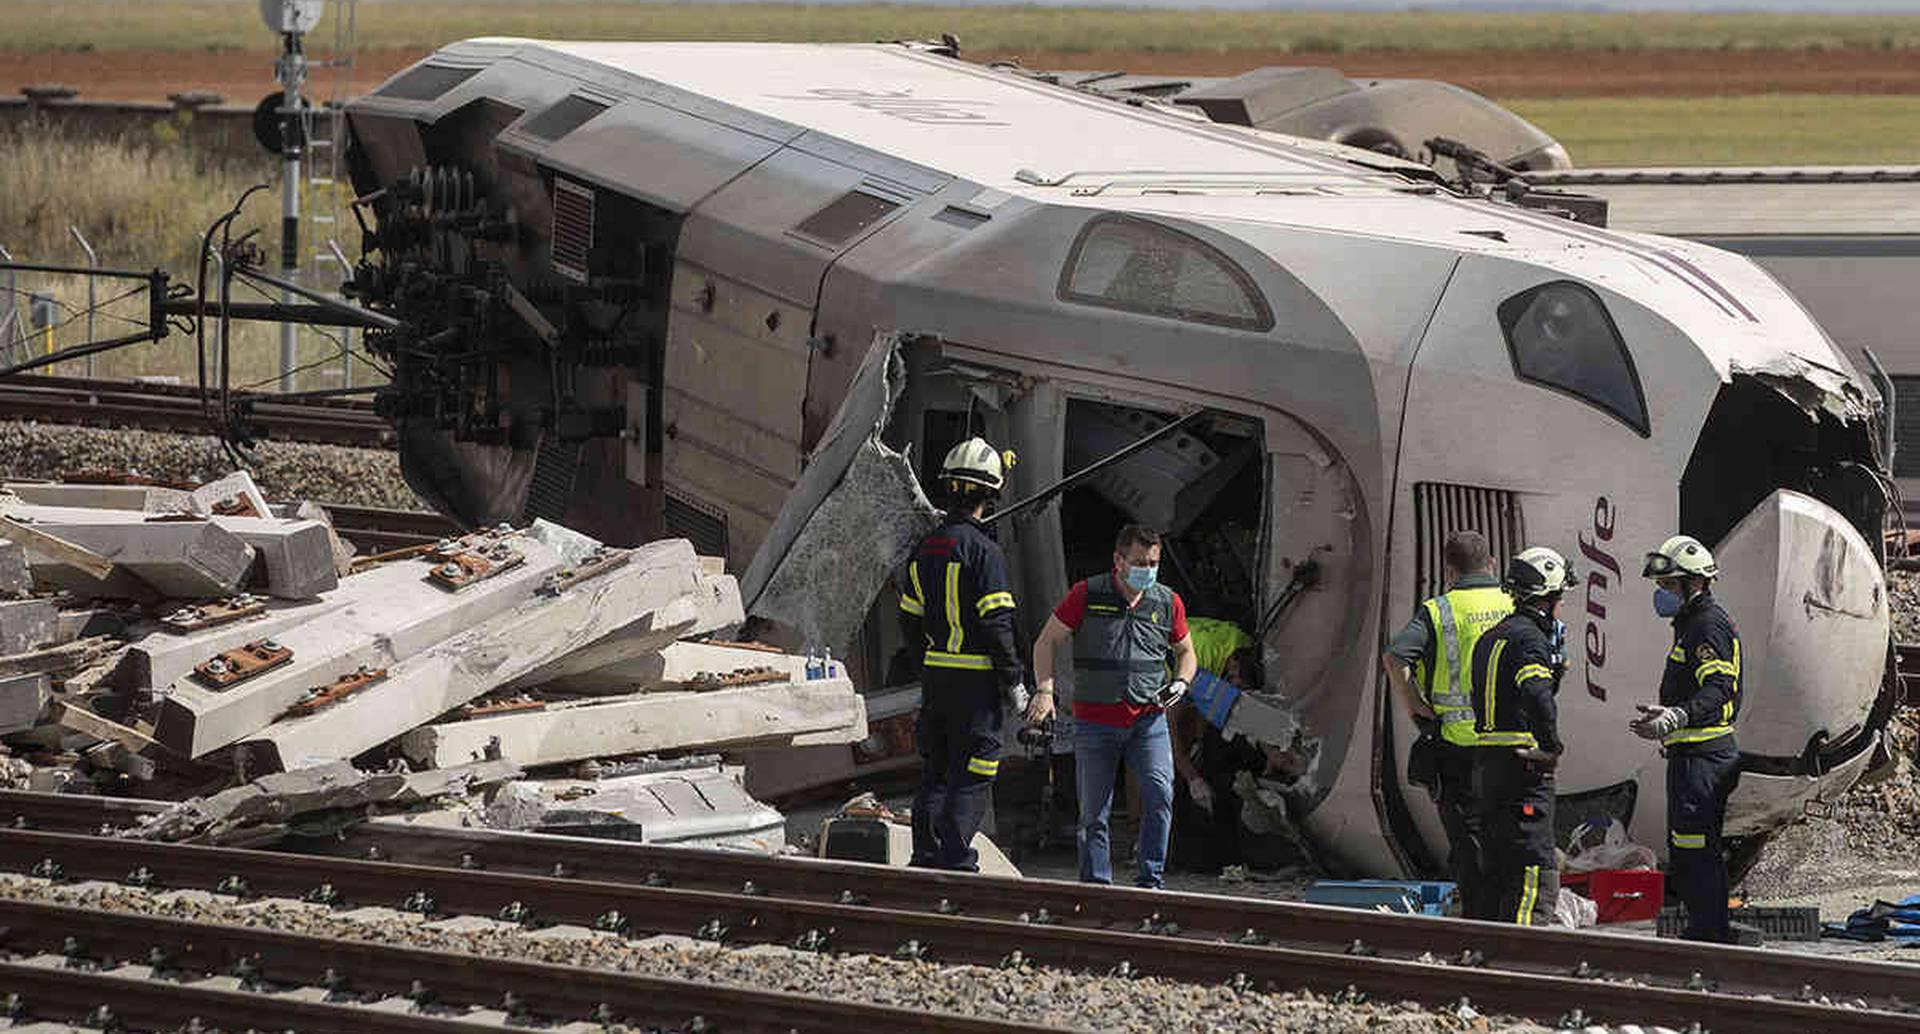 Un vehículo todo terreno cayó en las vías del tren en Zamora, España. El suceso, ocurrido el 2 de junio, provocó un aparatoso accidente que requirió la presencia de los bomberos y la Guardia Civil. Foto: Emilio Fraile / AP